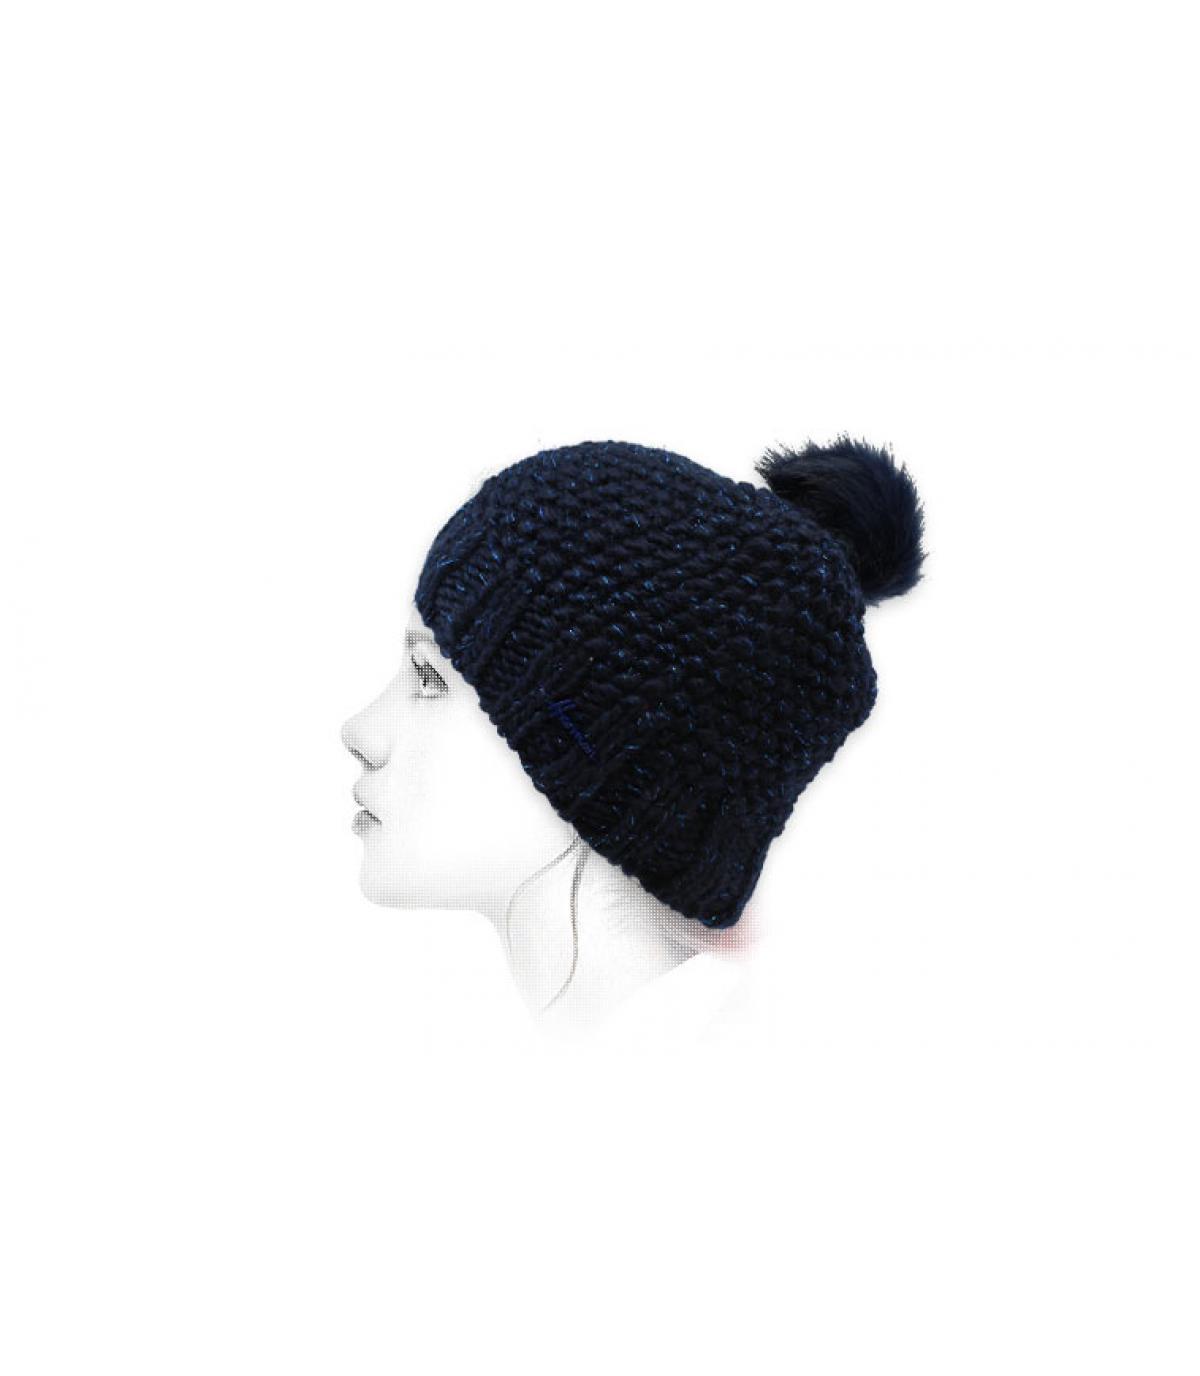 Bommel Mütze Lurex blau